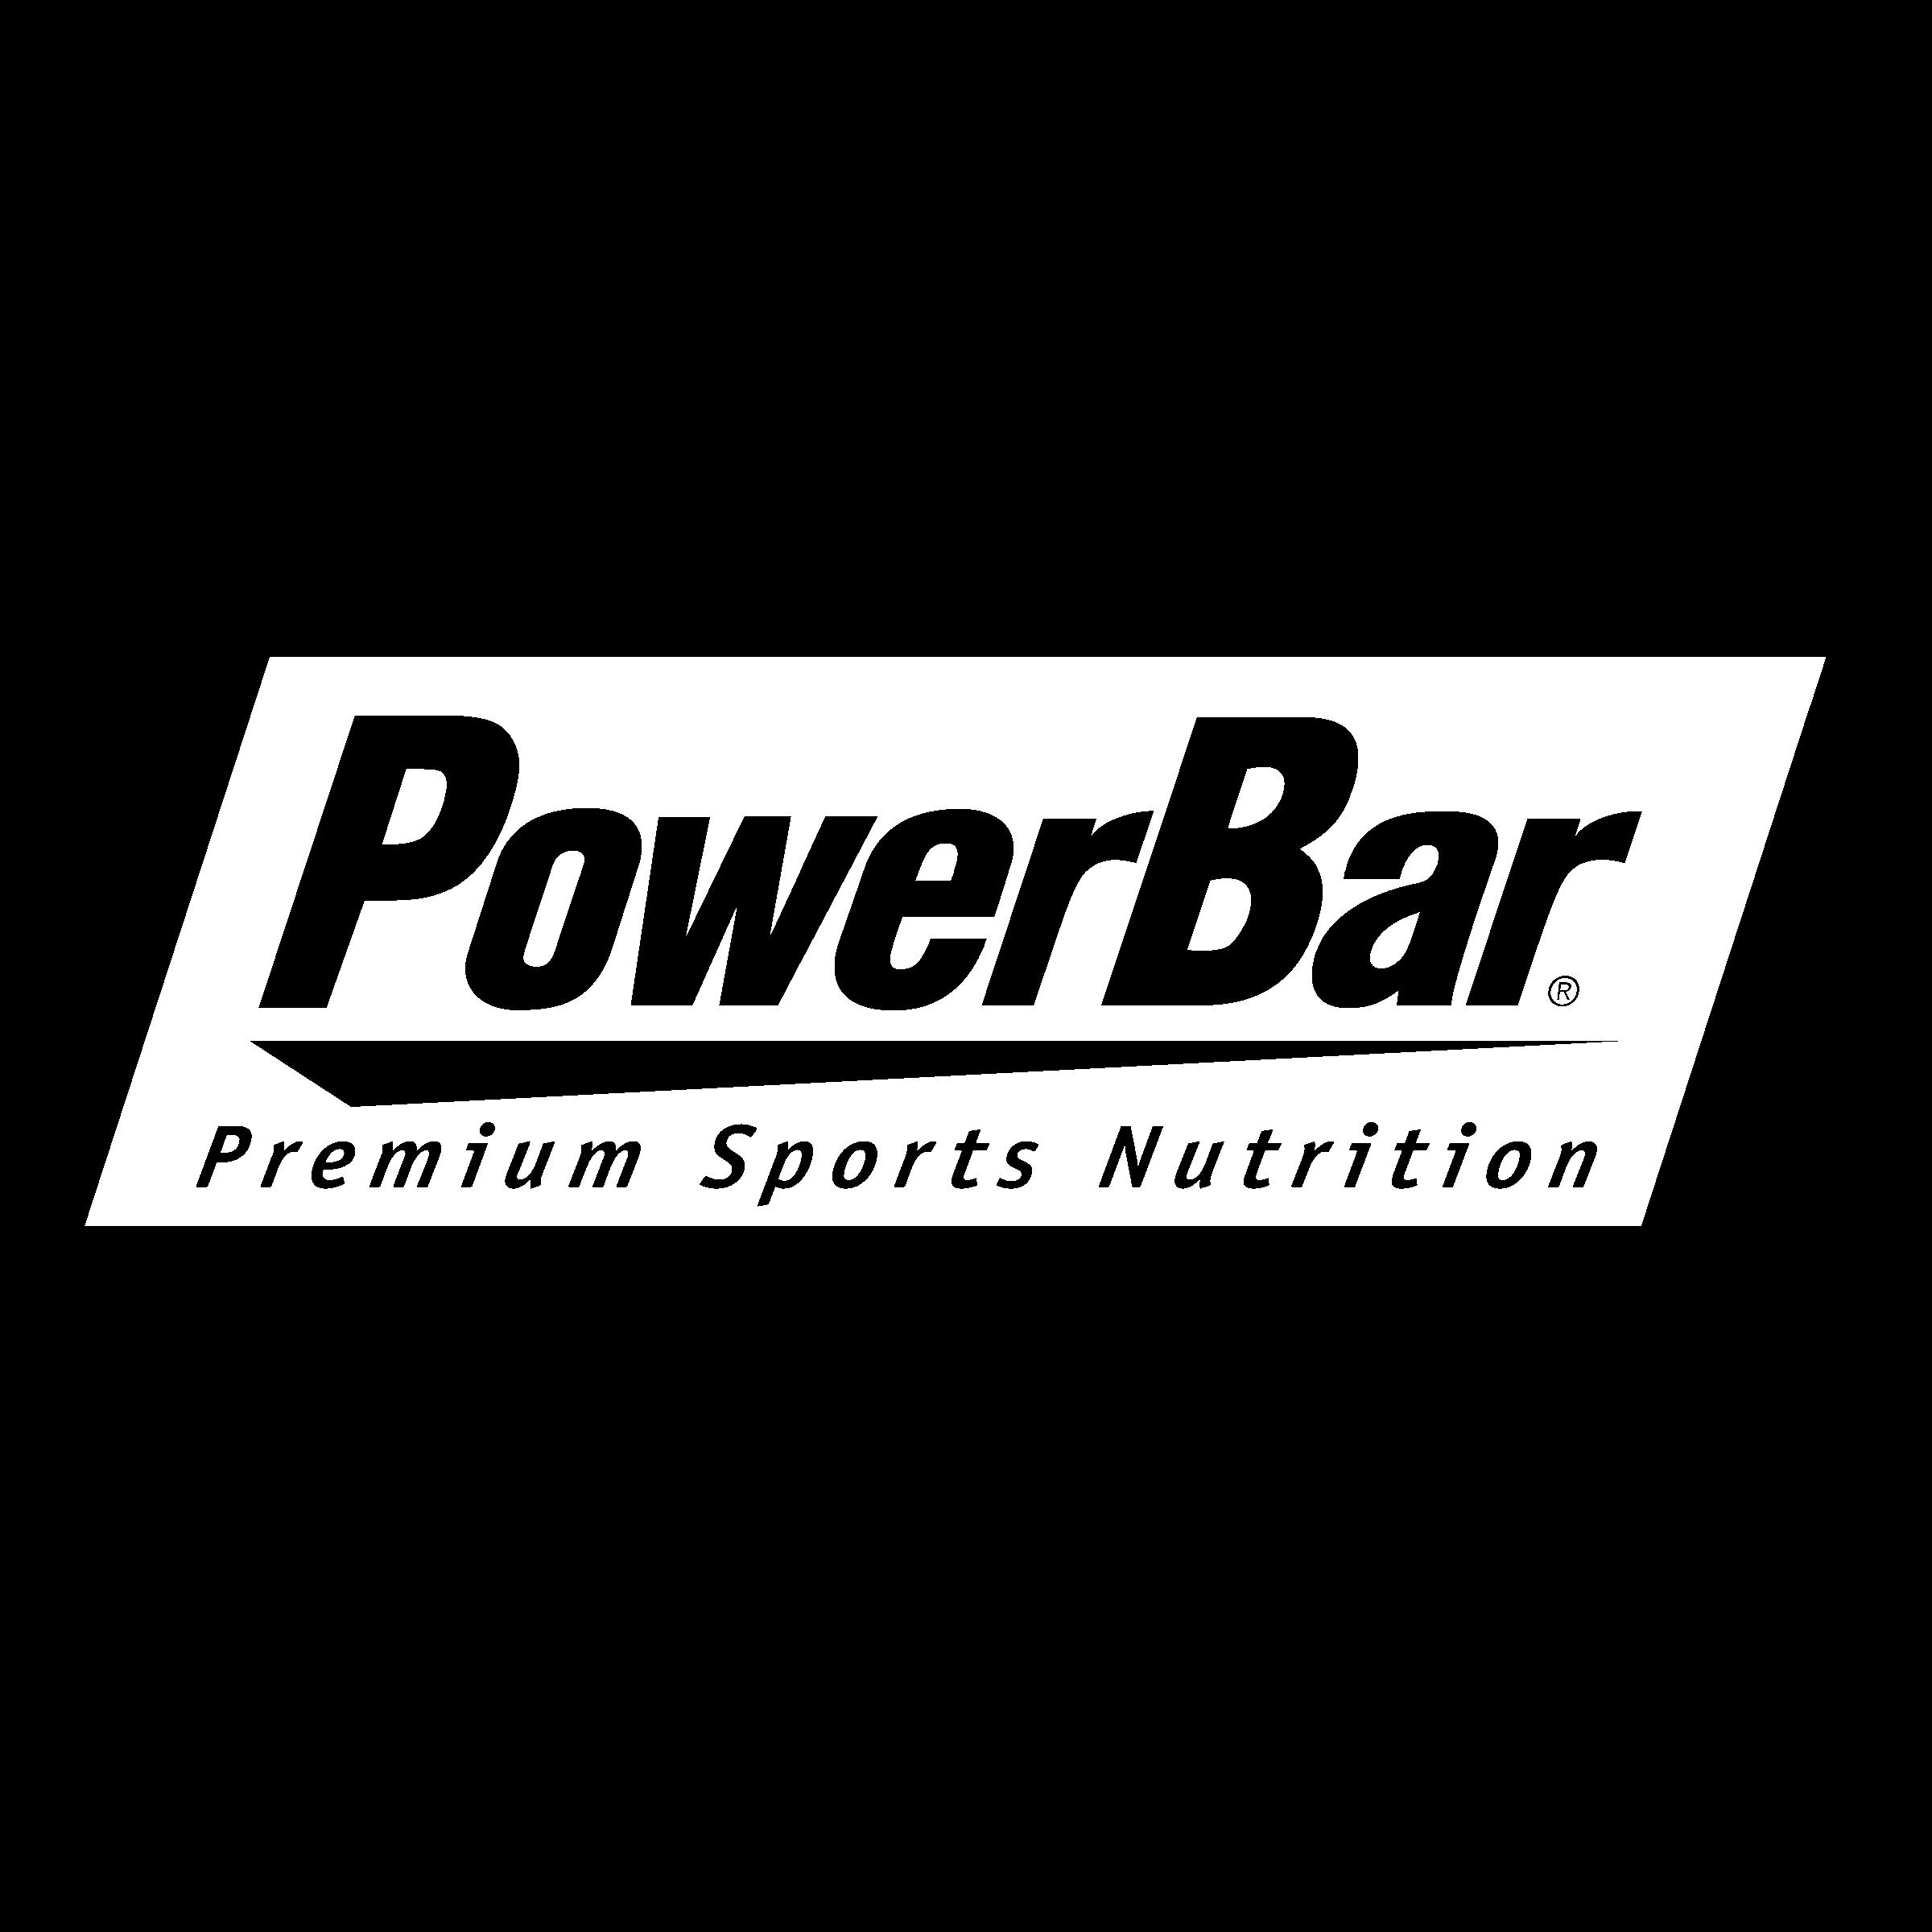 PowerBar productos para el deporte